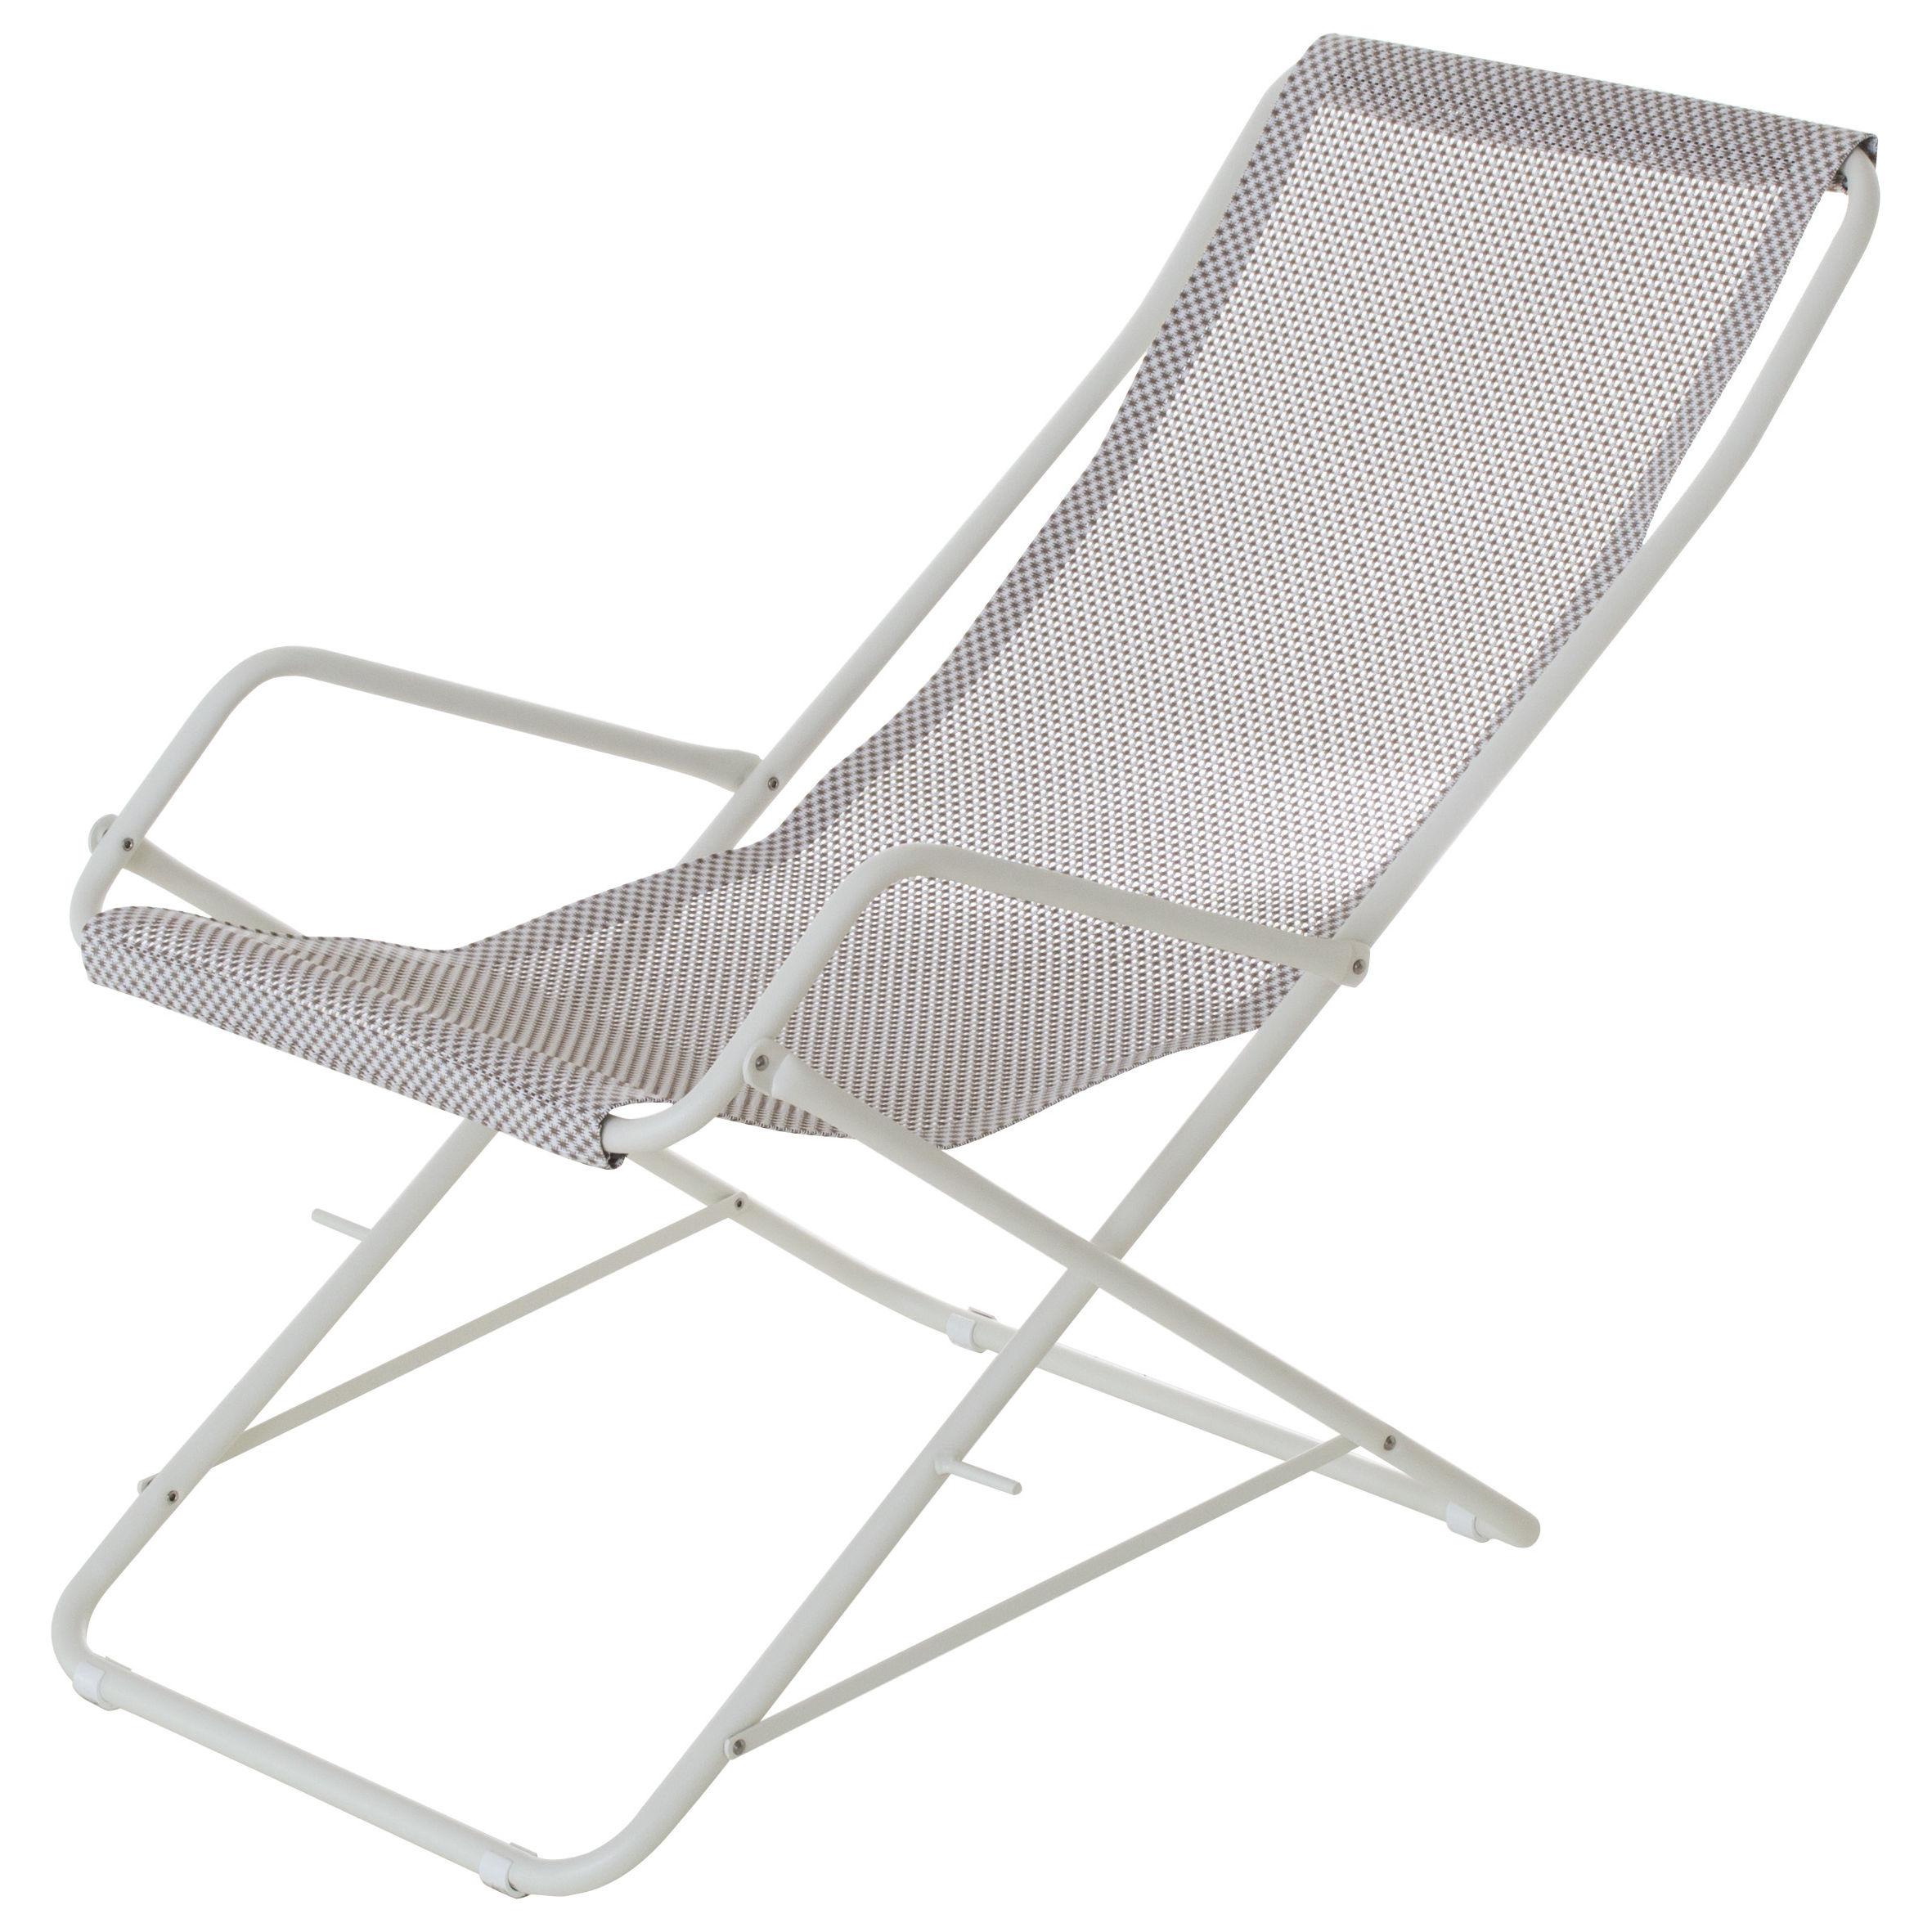 Outdoor - Sedie e Amache - Chaise longue Bahama - / Pieghevole di Emu - Tela crema / Struttura bianca - Acciaio verniciato, Tela